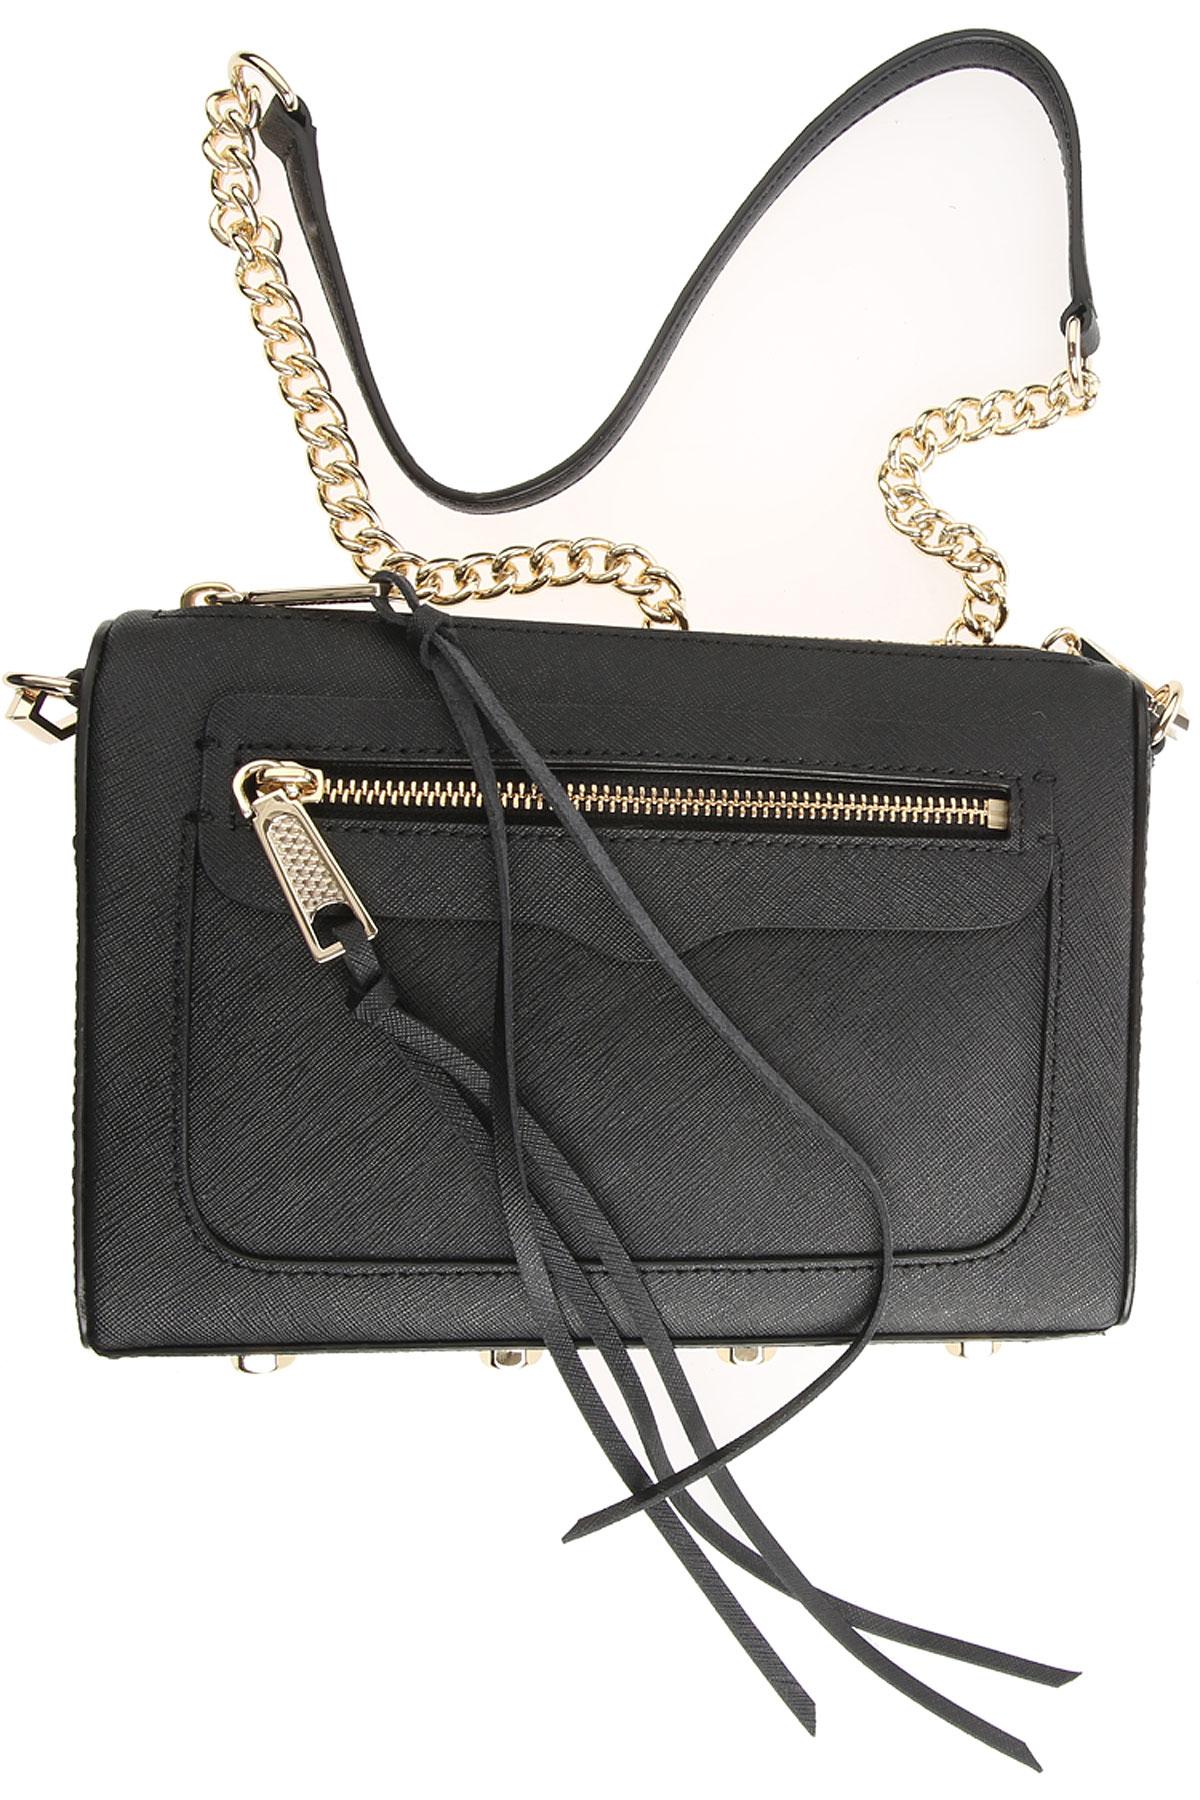 Rebecca Minkoff Shoulder Bag for Women On Sale, Black, Leather, 2017 USA-378534